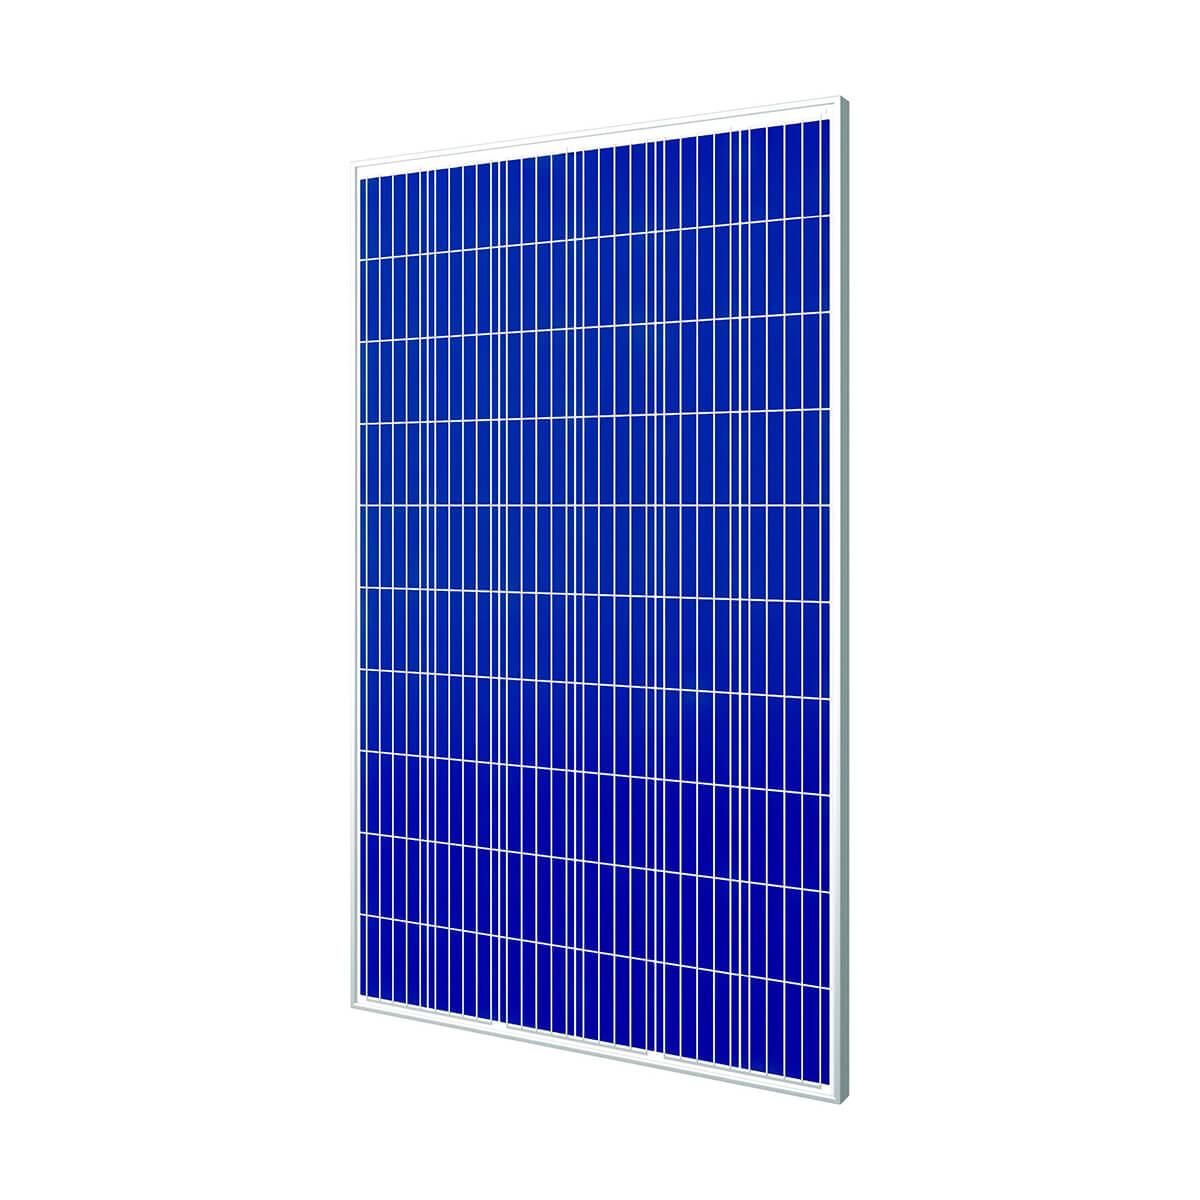 tommatech 265W panel, tommatech 265Watt panel, tommatech 265 W panel, tommatech 265 Watt panel, tommatech 265 Watt polikristal panel, tommatech 265 W watt gunes paneli, tommatech 265 W watt polikristal gunes paneli, tommatech 265 W Watt fotovoltaik polikristal solar panel, tommatech 265W polikristal gunes enerjisi, tommatech TT265-60P-265W panel, TOMMATECH 265 WATT